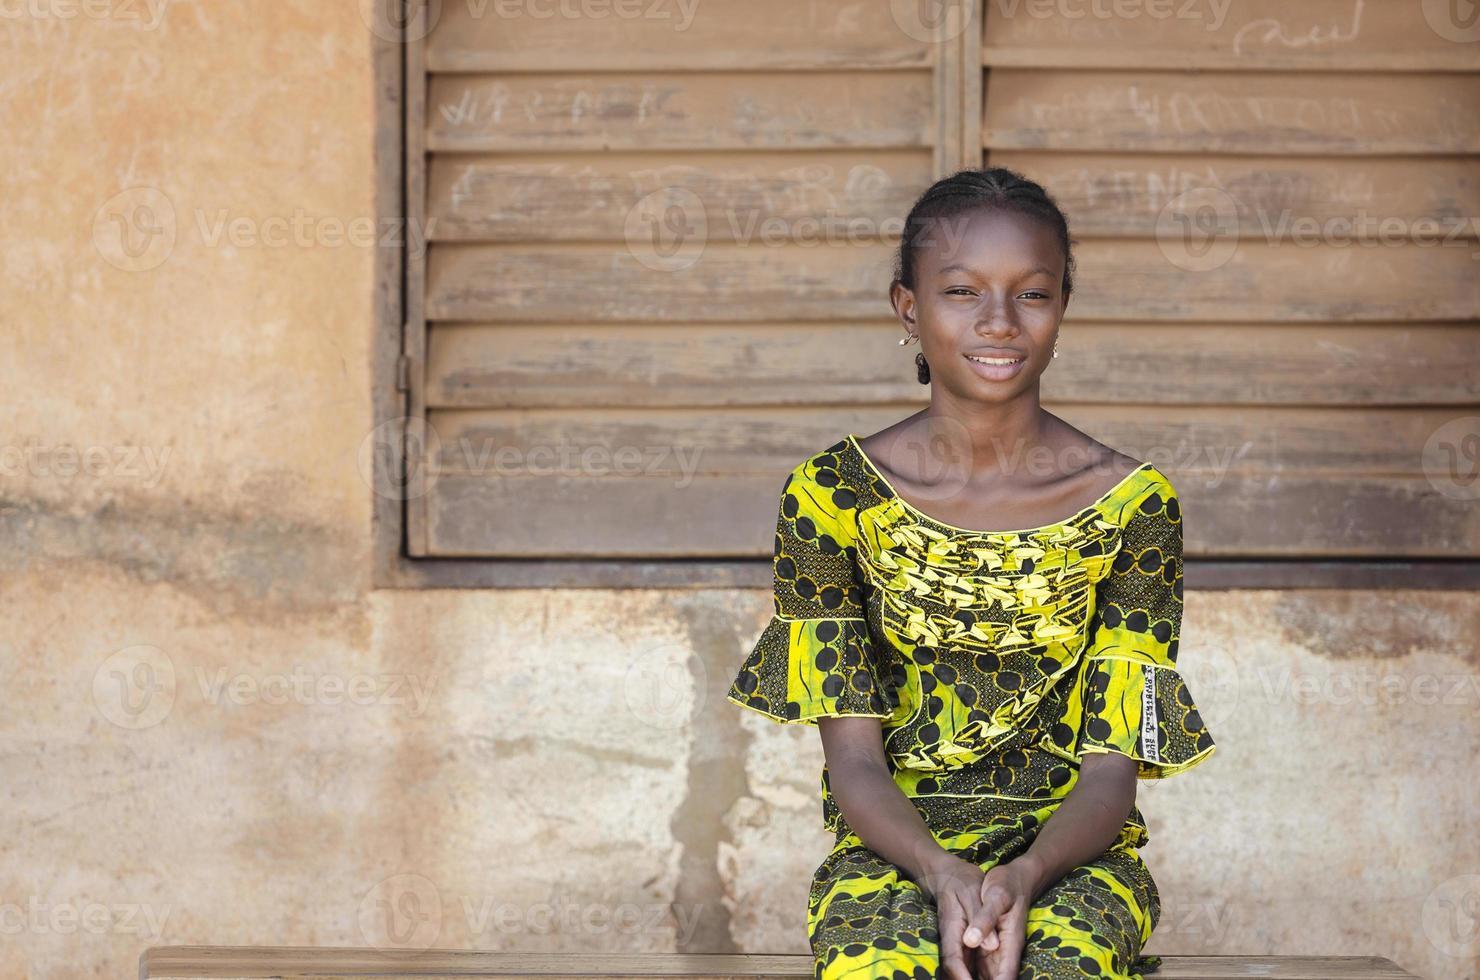 tillbaka till skolasymbolen - ganska svart afrikansk skolflicka som poserar foto